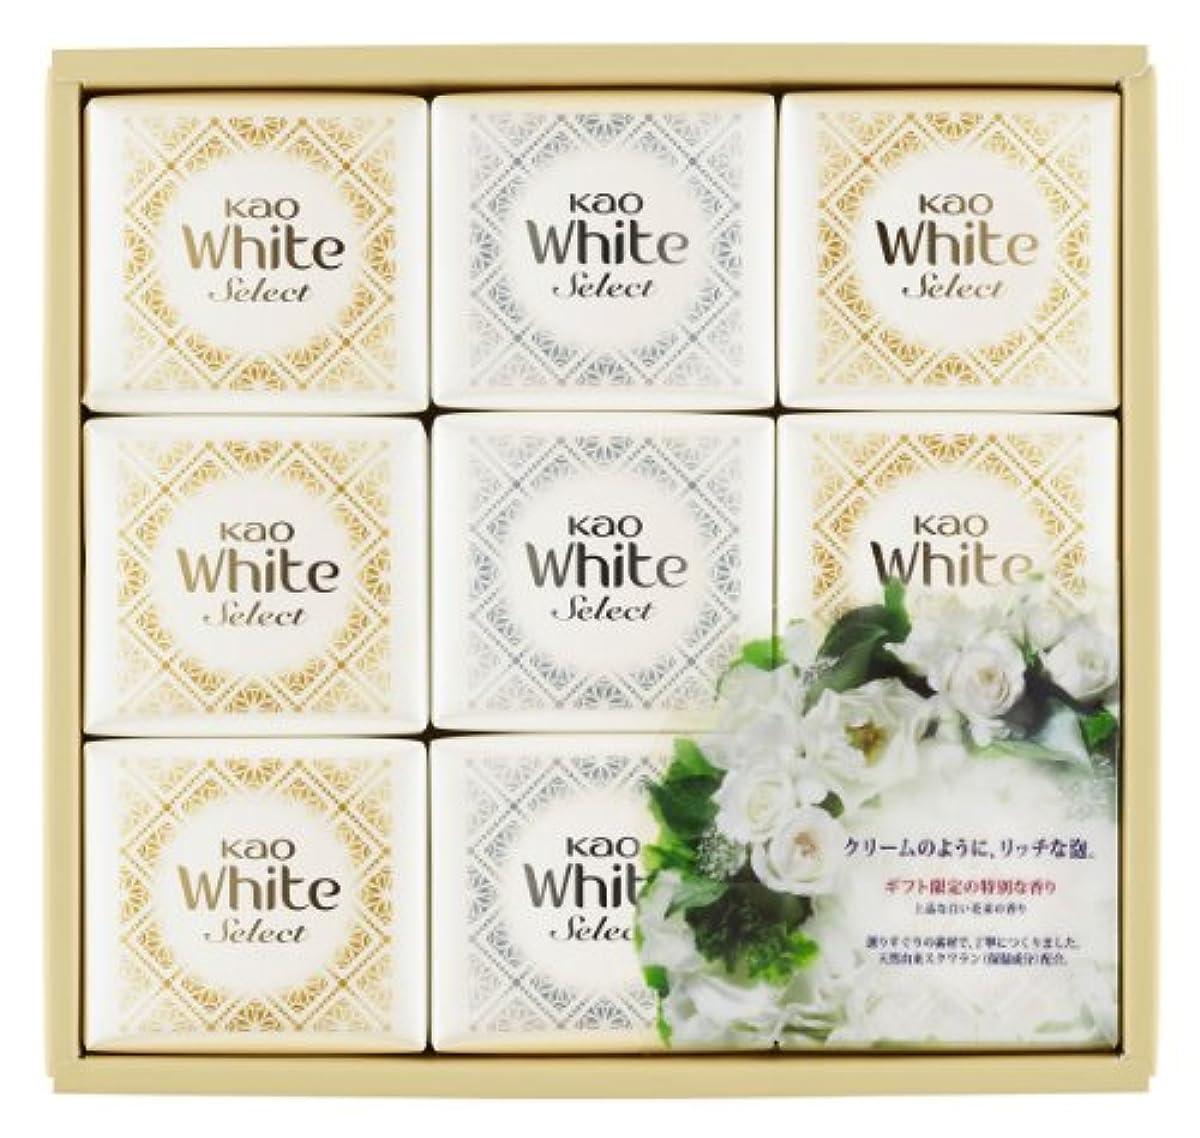 打たれたトラック領域姿勢花王ホワイト セレクト 上品な白い花束の香り 85g 9コ K?WS-15